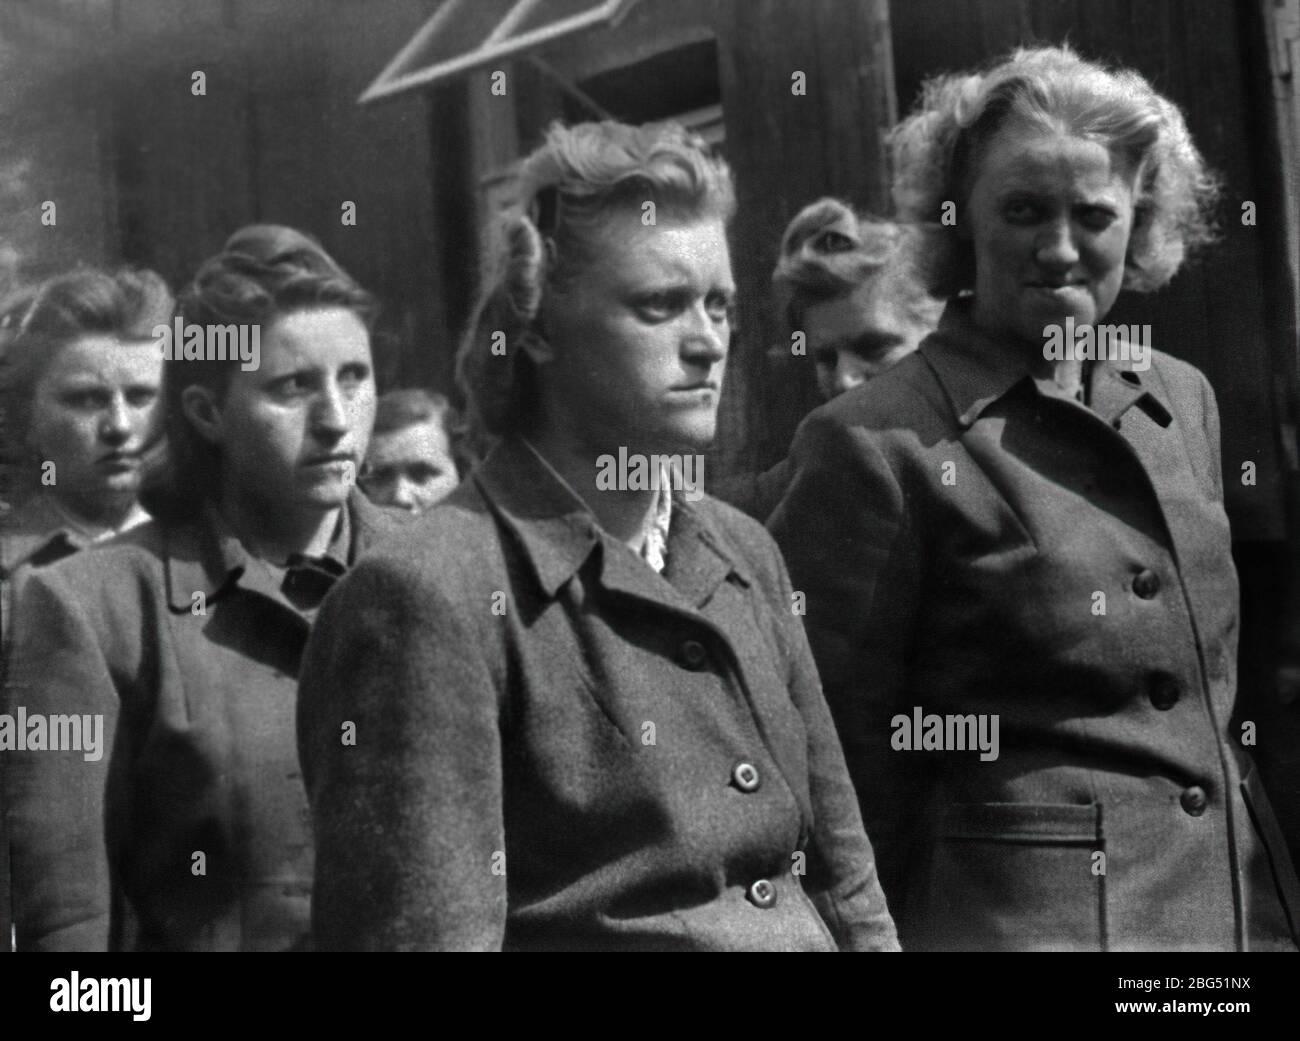 Documentario sulla seconda guerra mondiale. Guardie femminili del campo di concentramento di Bergen-Belsen subito dopo la loro cattura da parte dei soldati britannici nell'aprile 1945. Foto Stock